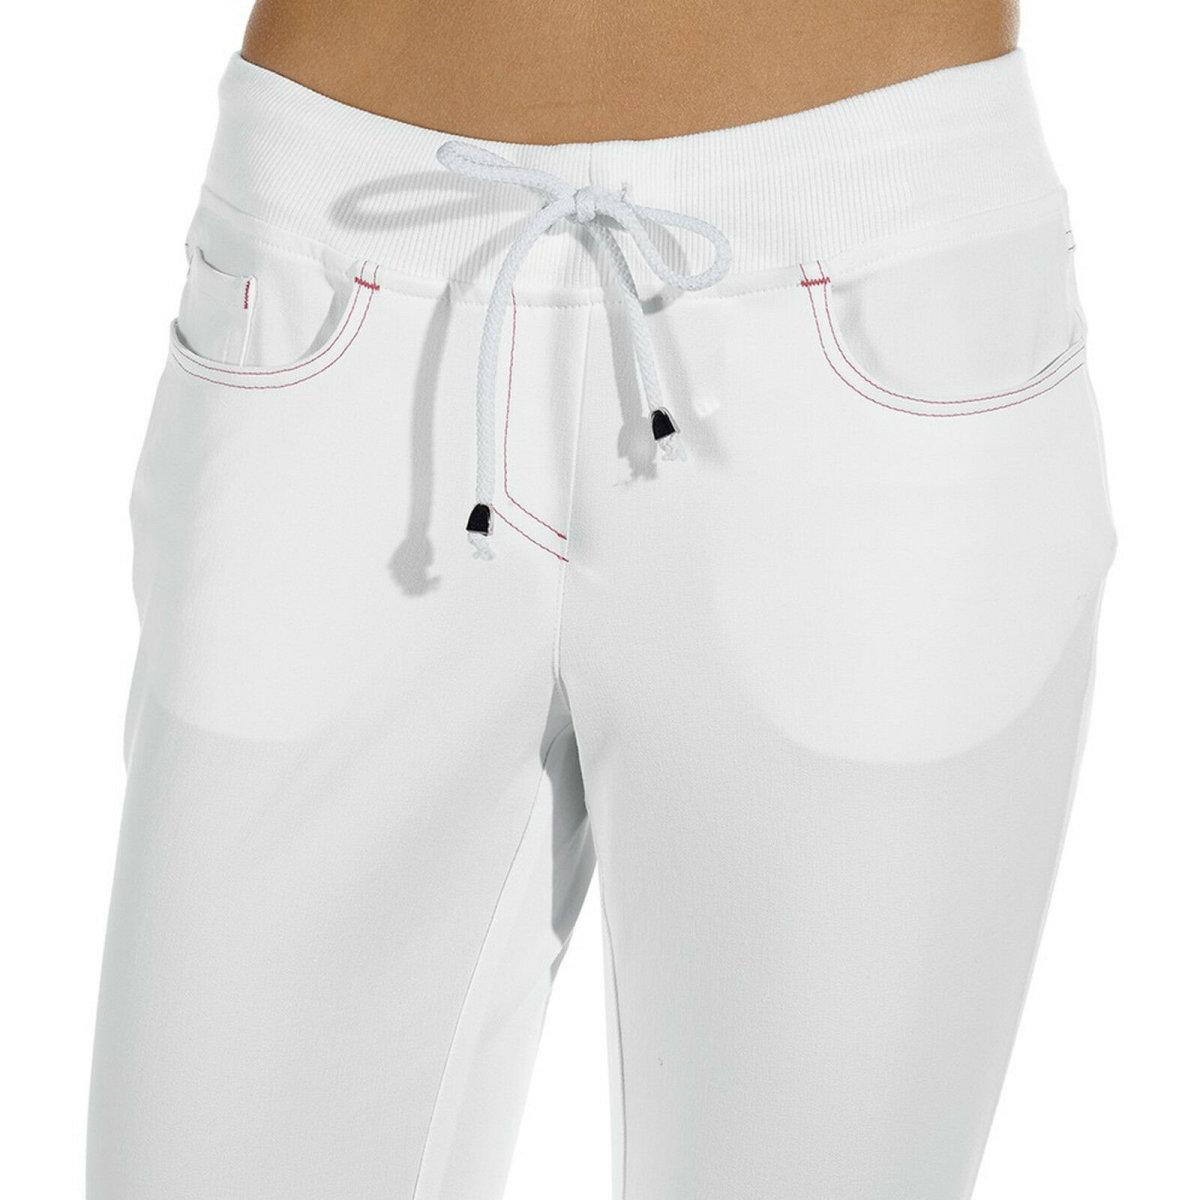 LEIBER Damenhose 08/7100 Five-Pocket SLIM Style Strickbund Fb. weiß Schritt 80cm 38